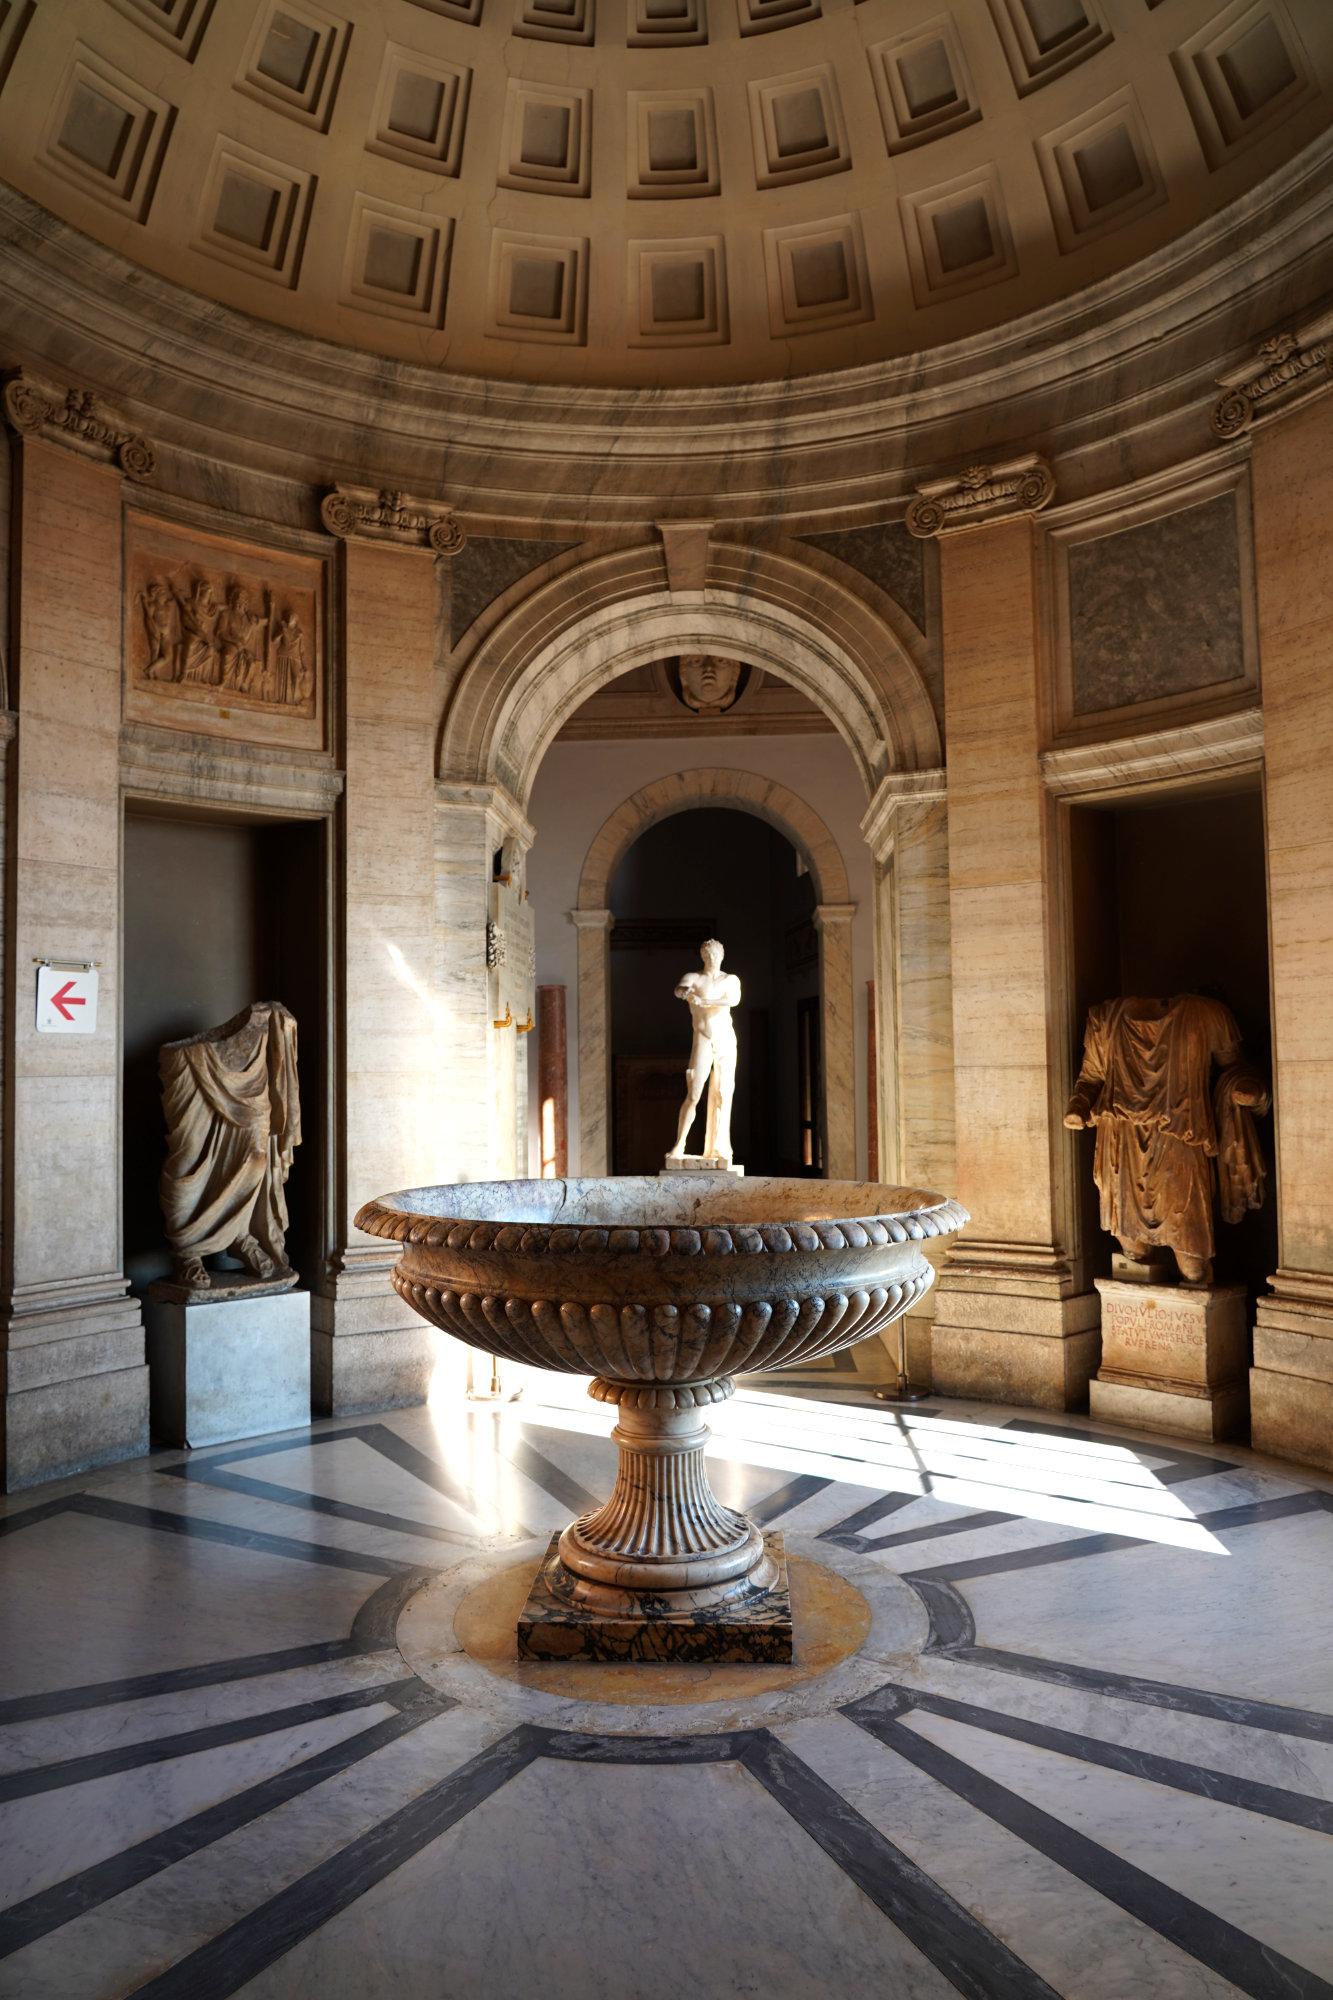 Vatikanische Museen Pio Clementino Schale